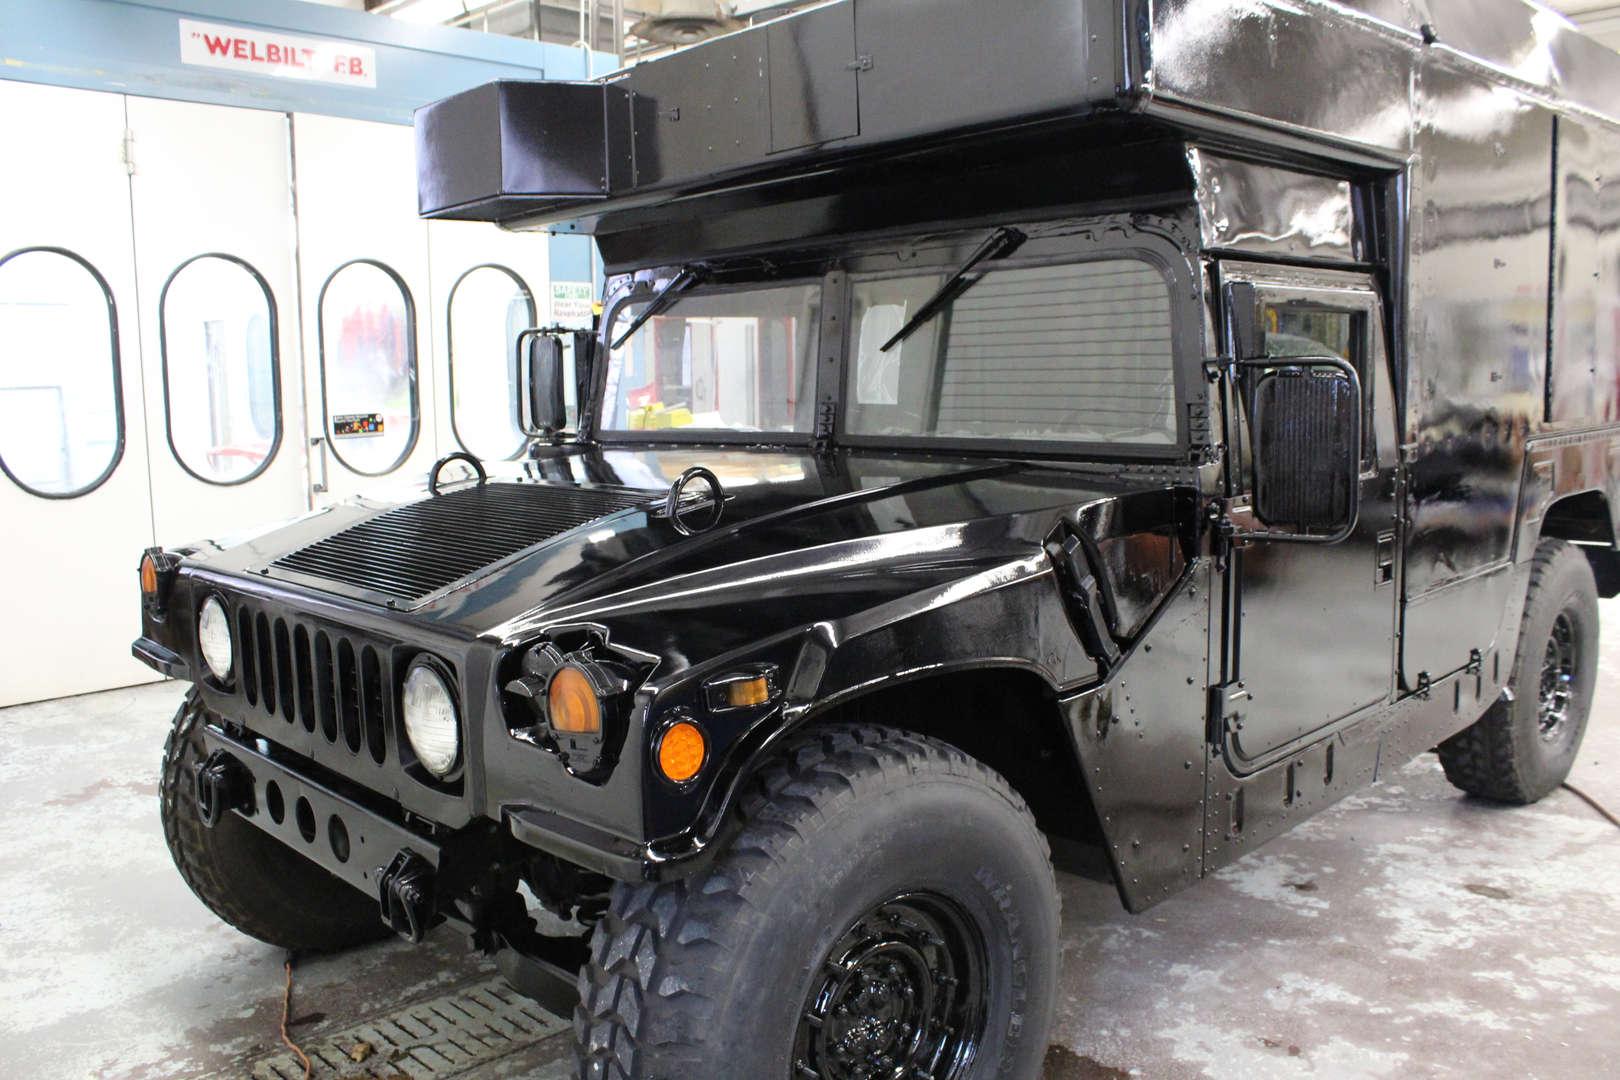 Repainted Humvee